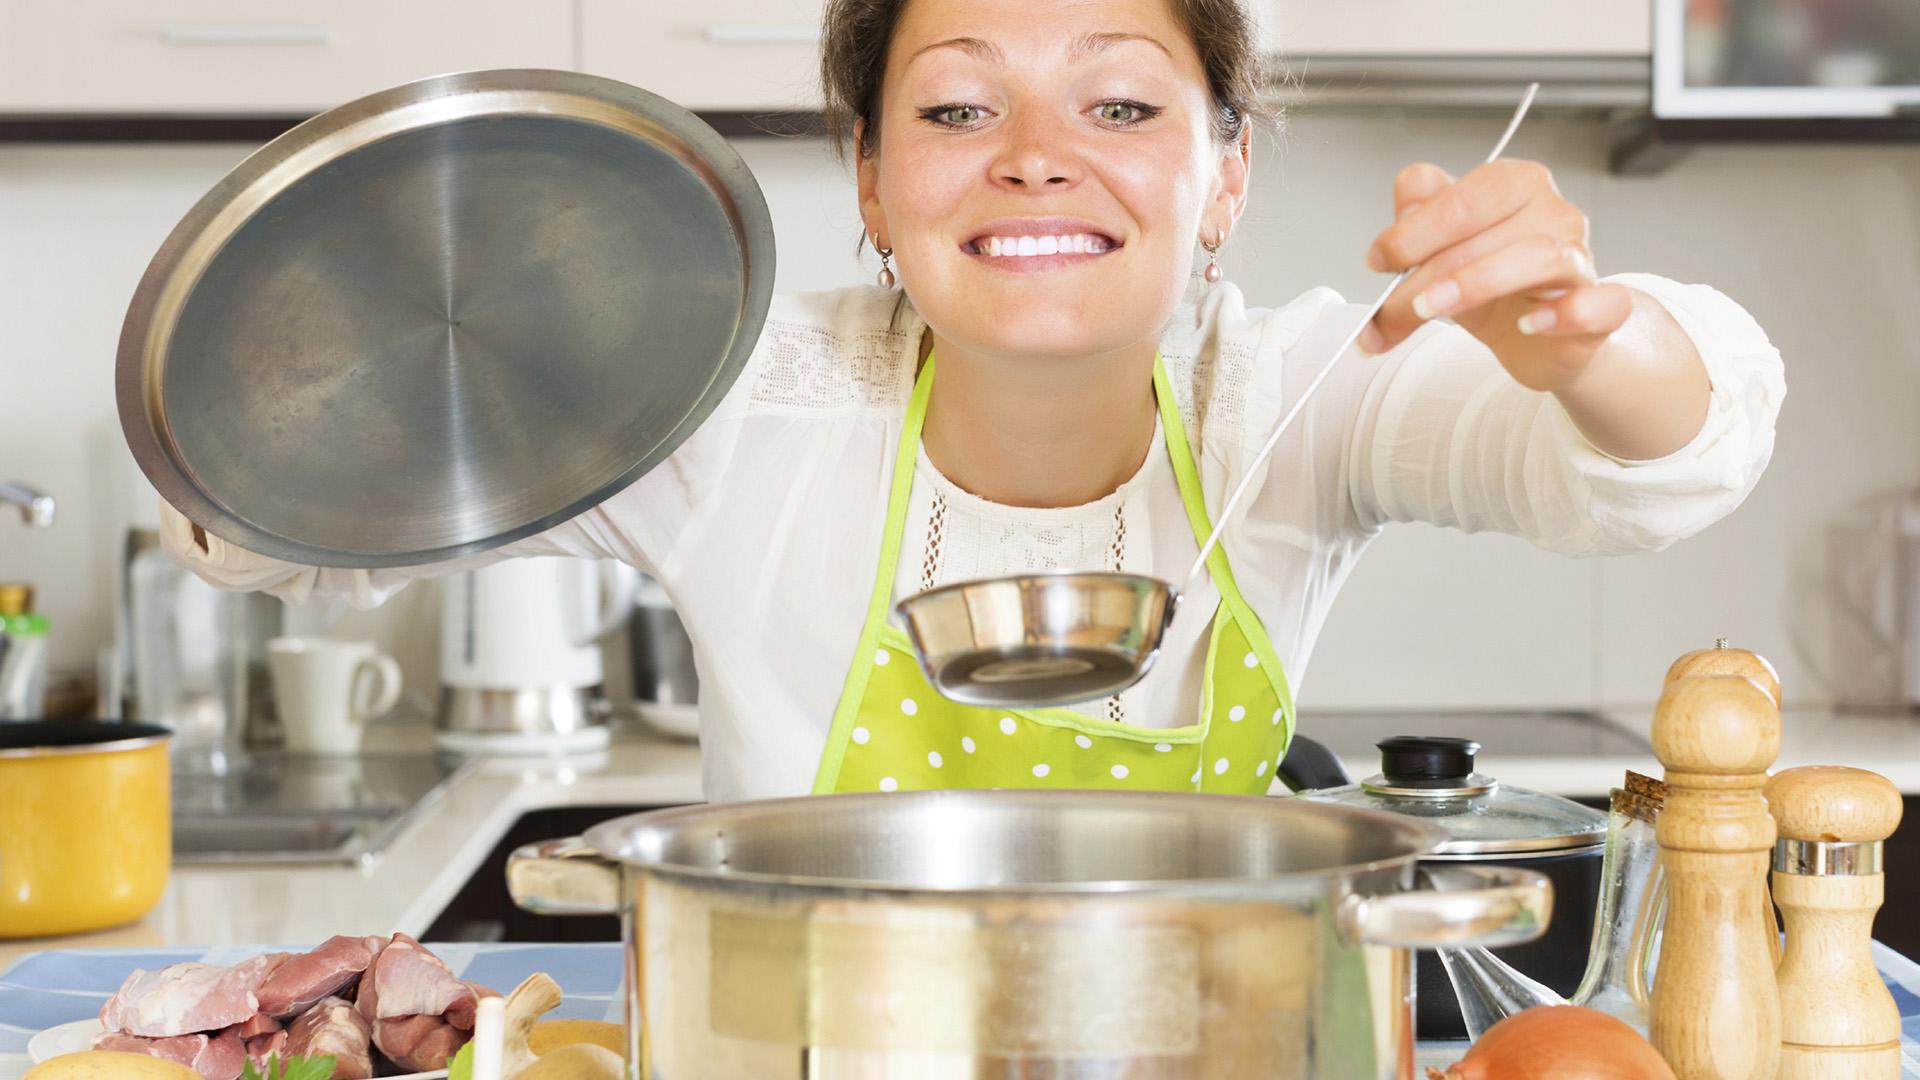 La m sica ideal para cocinar todalacocina com for Que cocinar para invitados